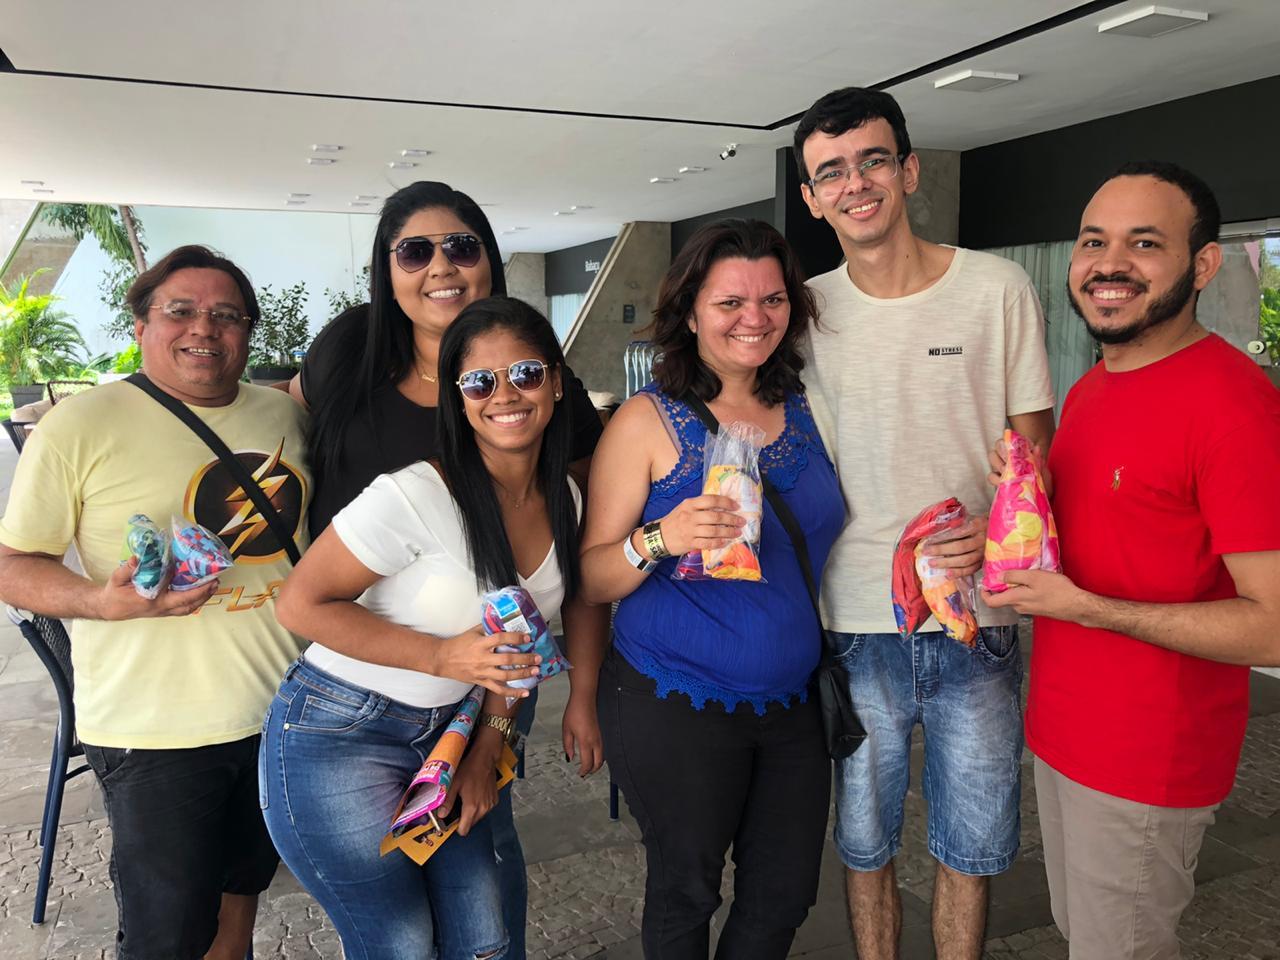 Turma reunida na expectativa da Micarina Meio Norte. Crédito: Lucrécio Arrais.